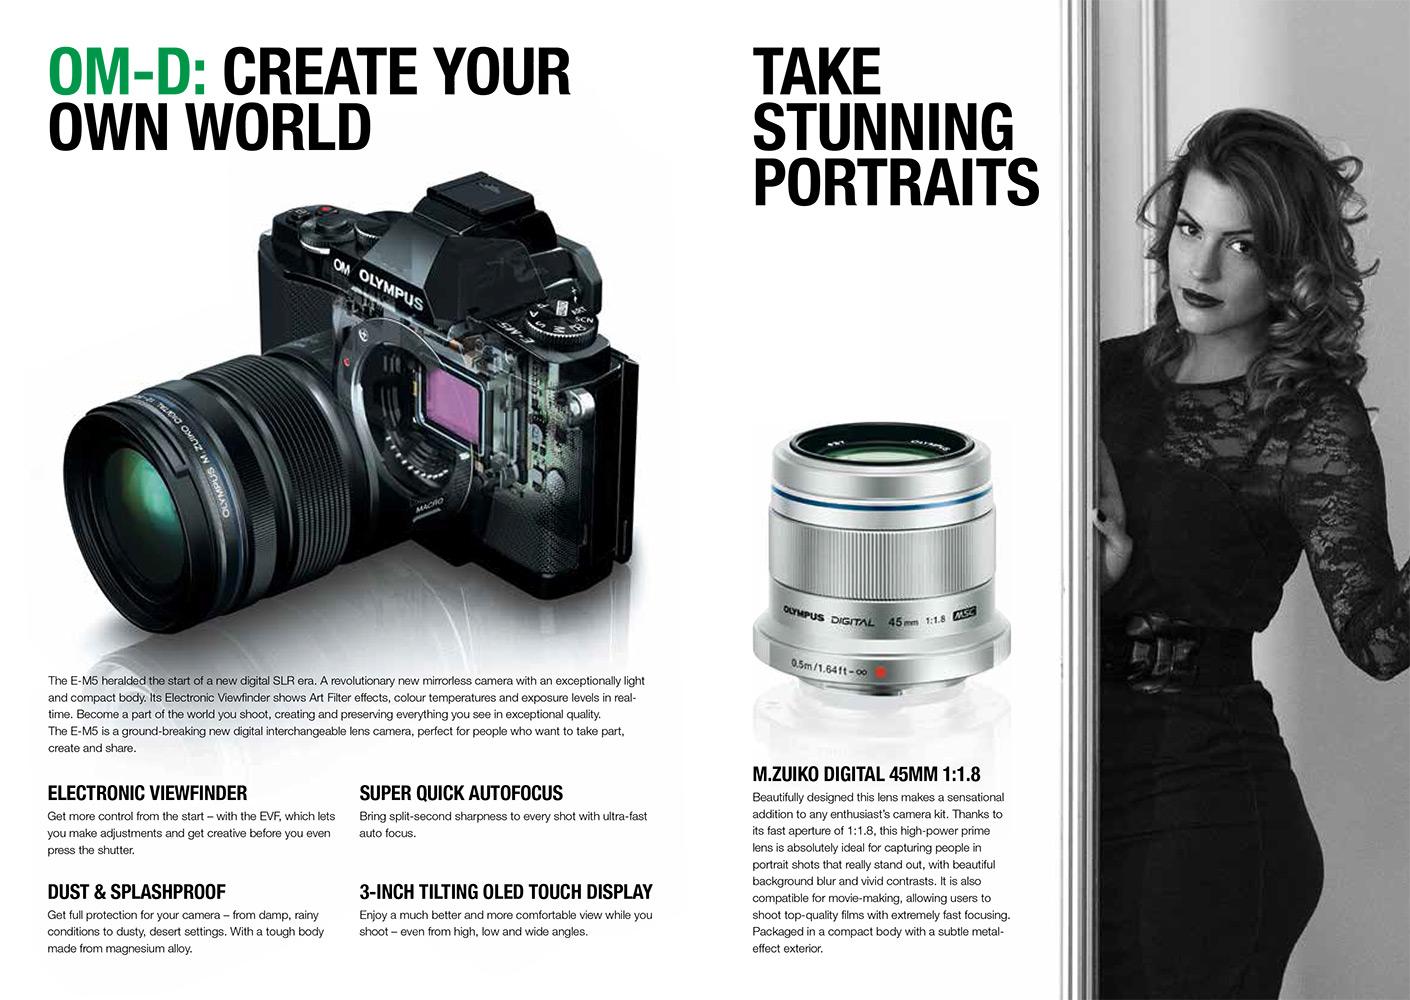 E-M5_Free_45mm_Lens_2013_Leaflet_v3-2